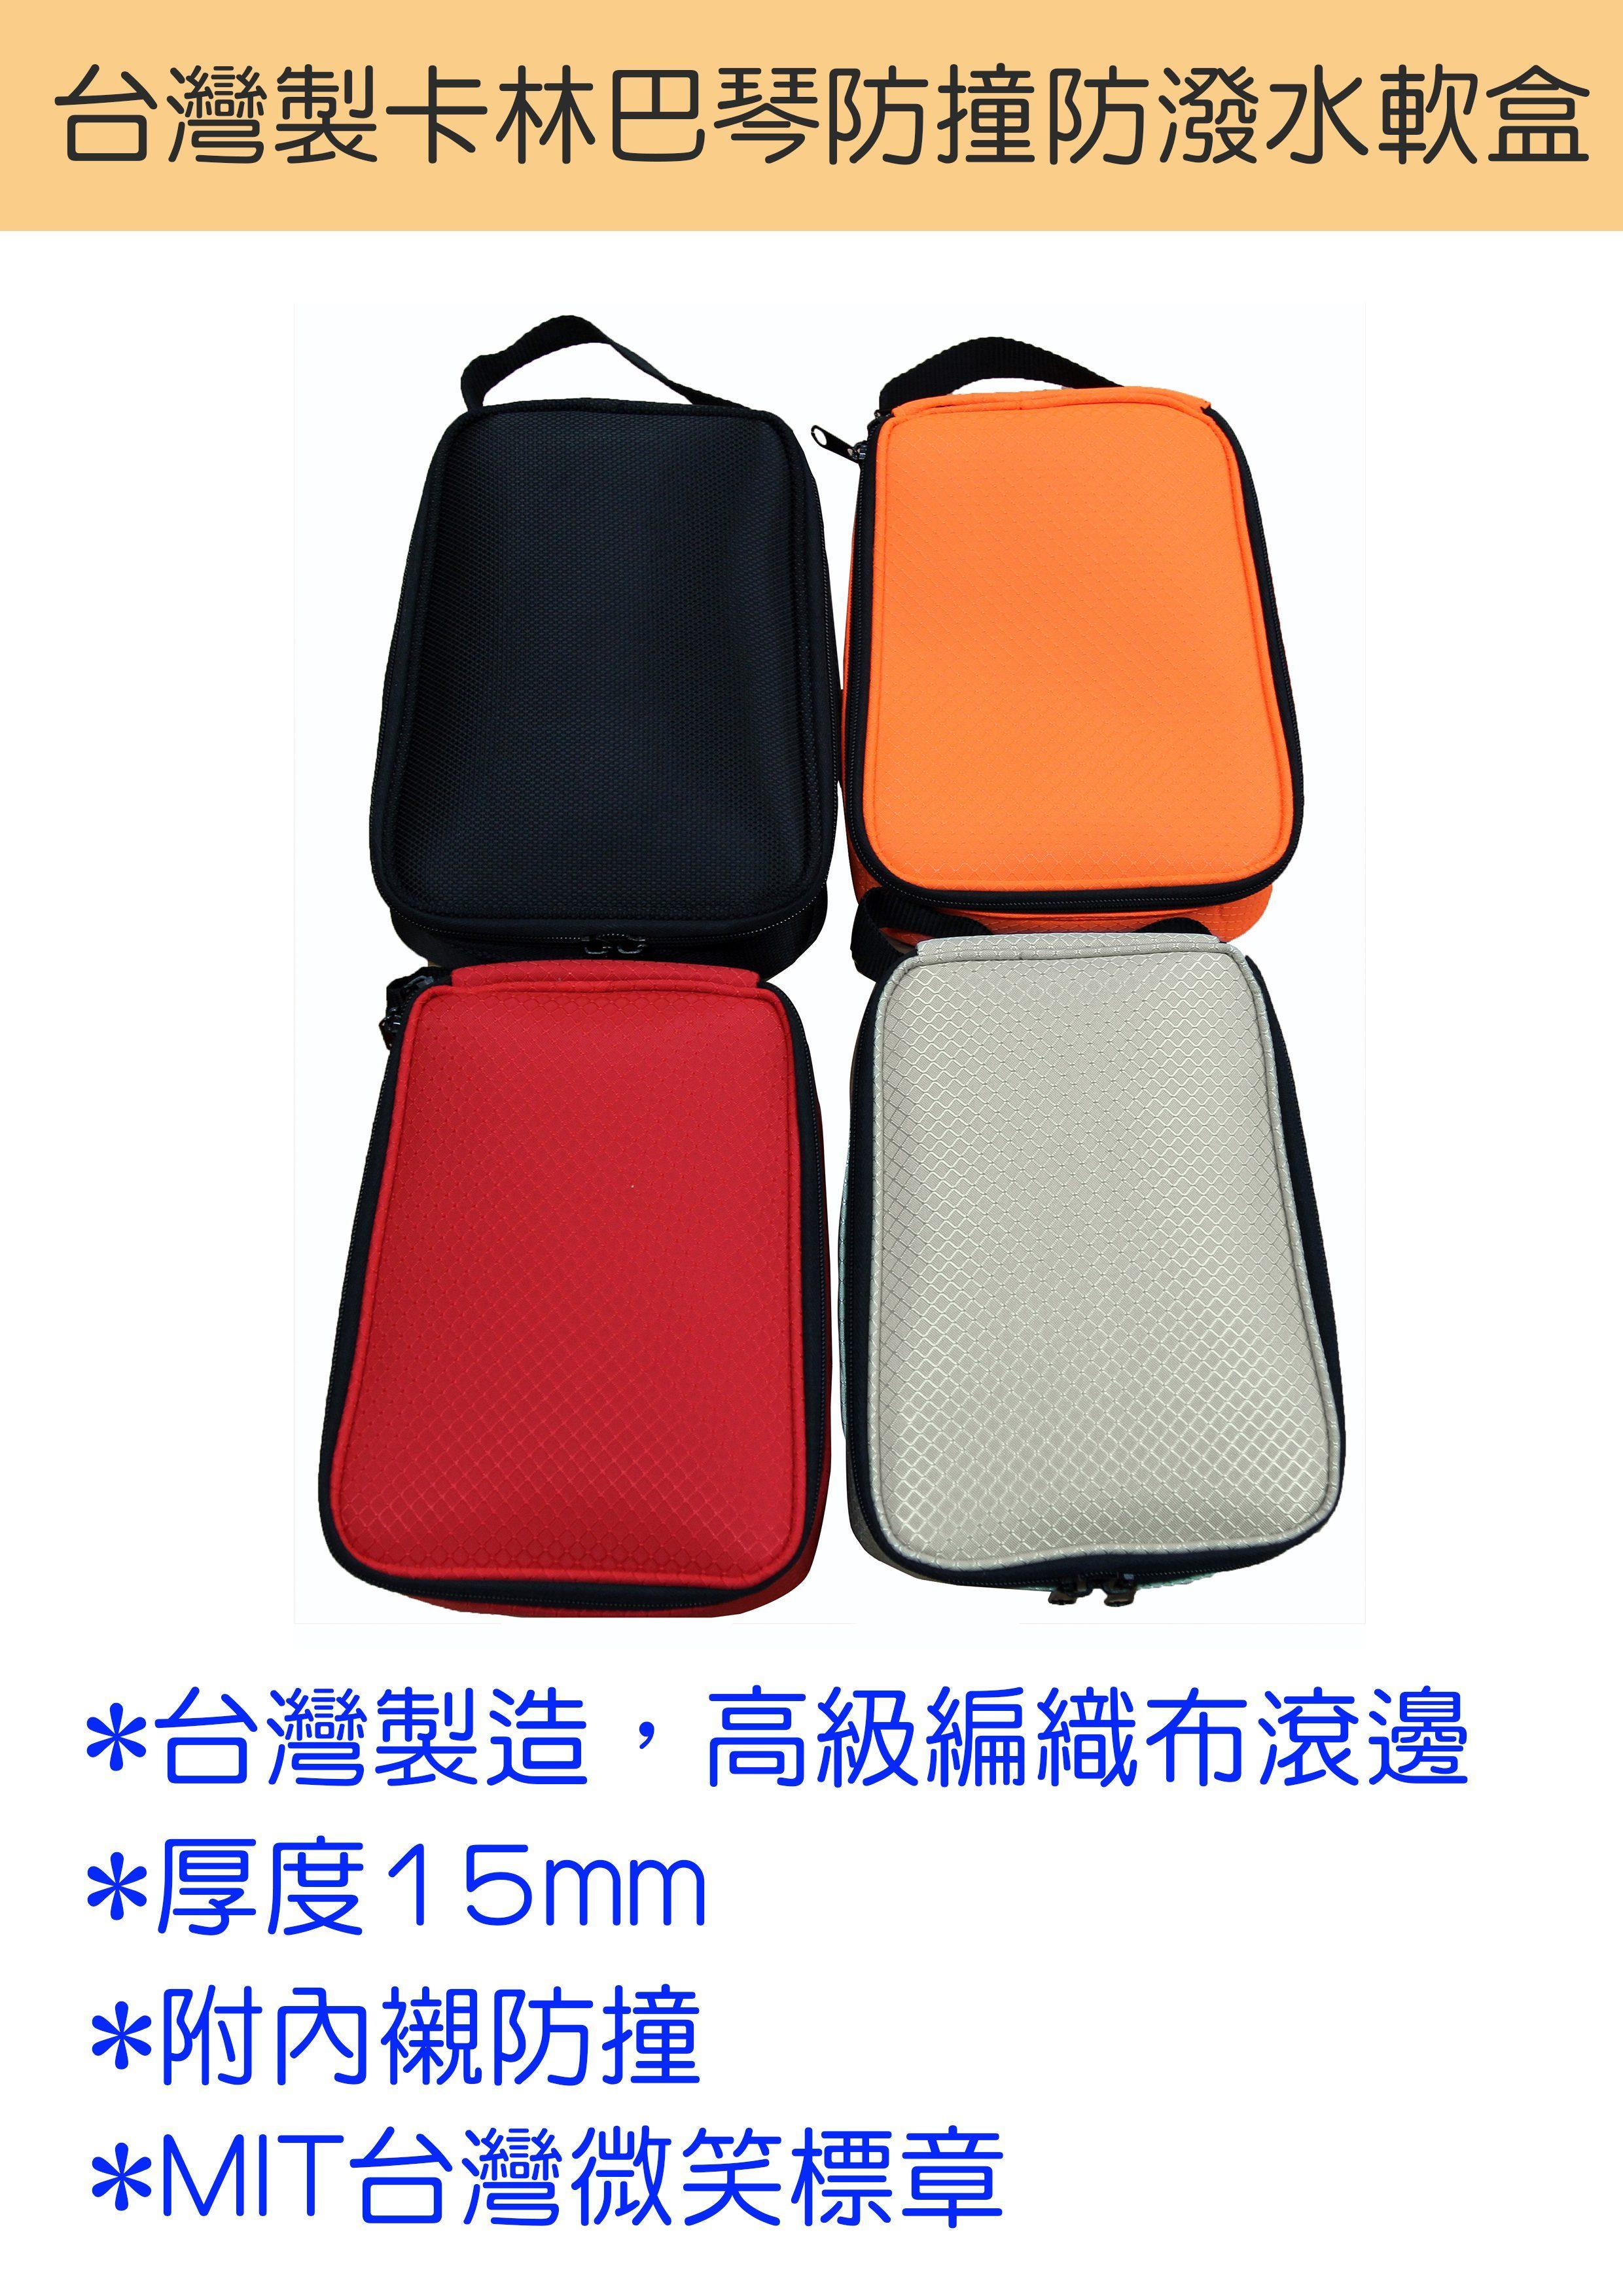 防潑水袋-1